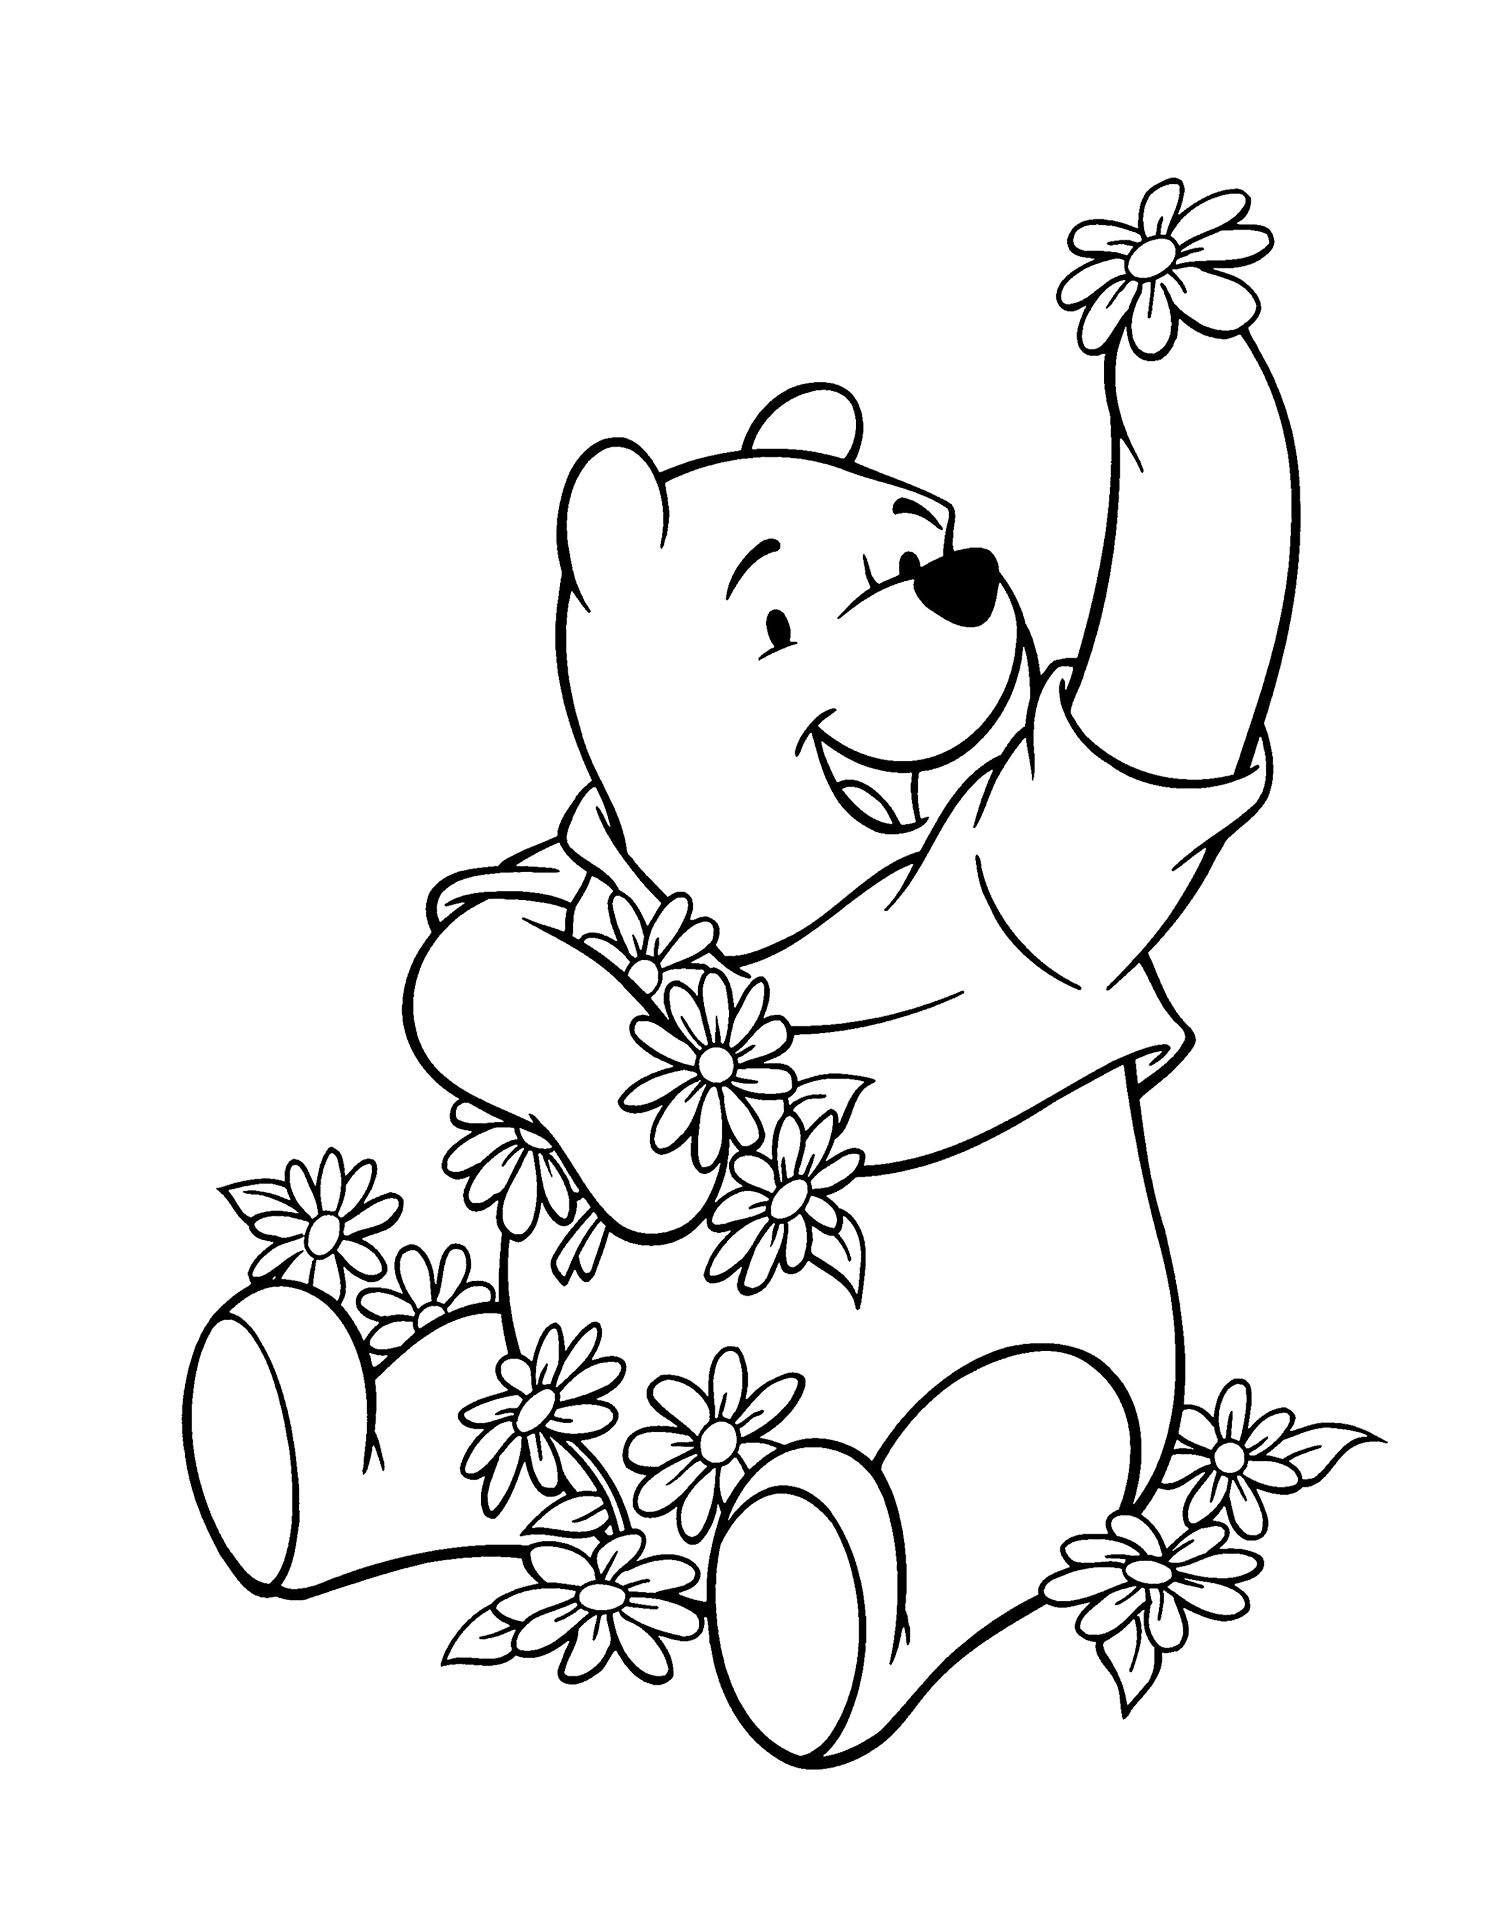 Ausmalbild Winnie Pooh Frisch 38 Minnie Mouse Baby Malvorlagen Scoredatscore Genial Ausmalbilder Stock